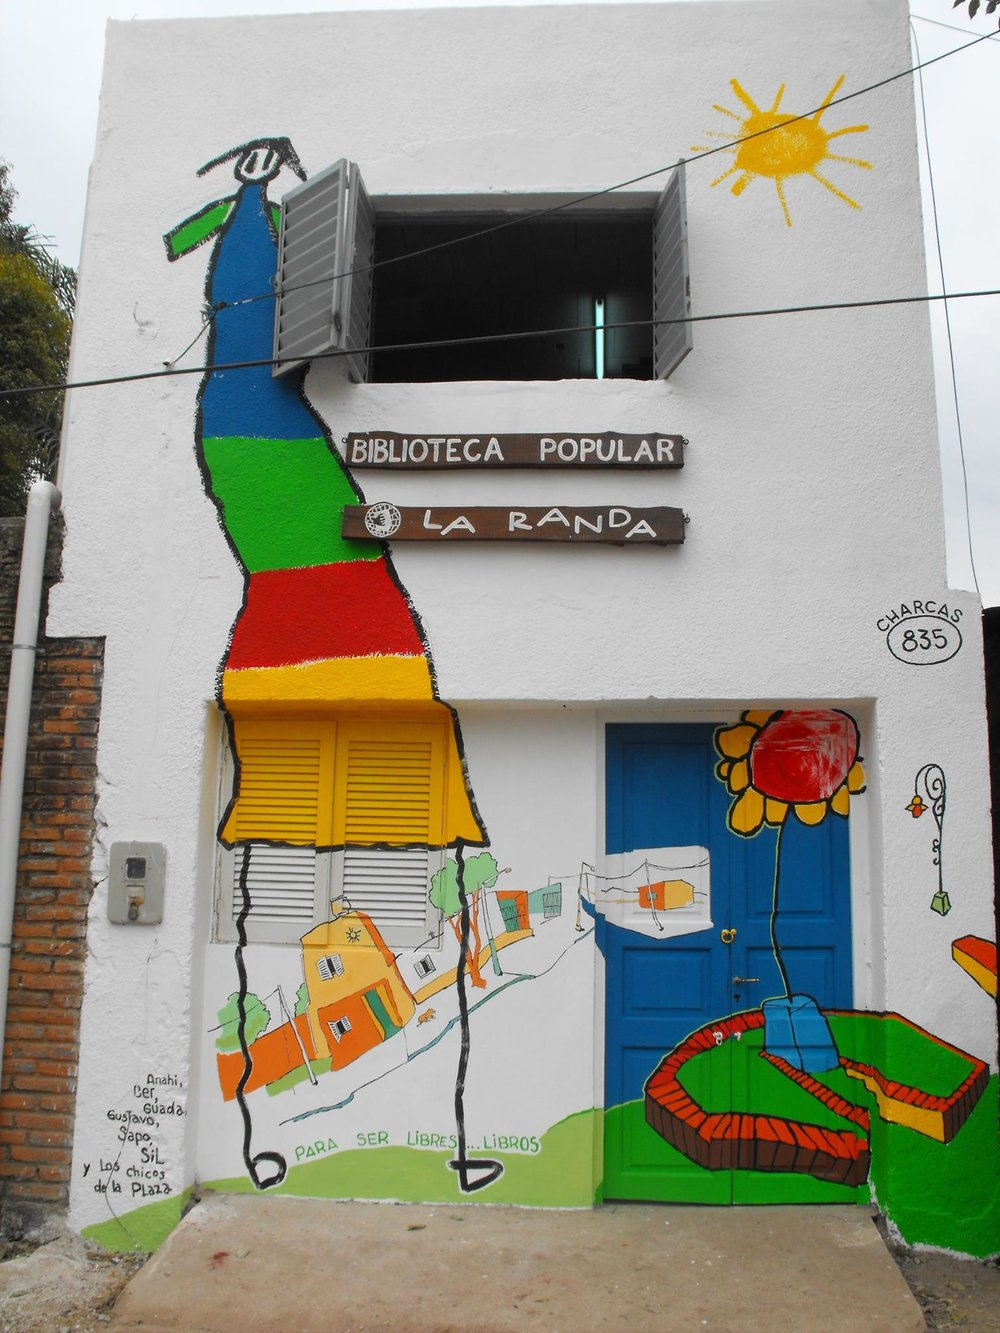 Fotografía gentileza de Biblioteca Popular La Randa